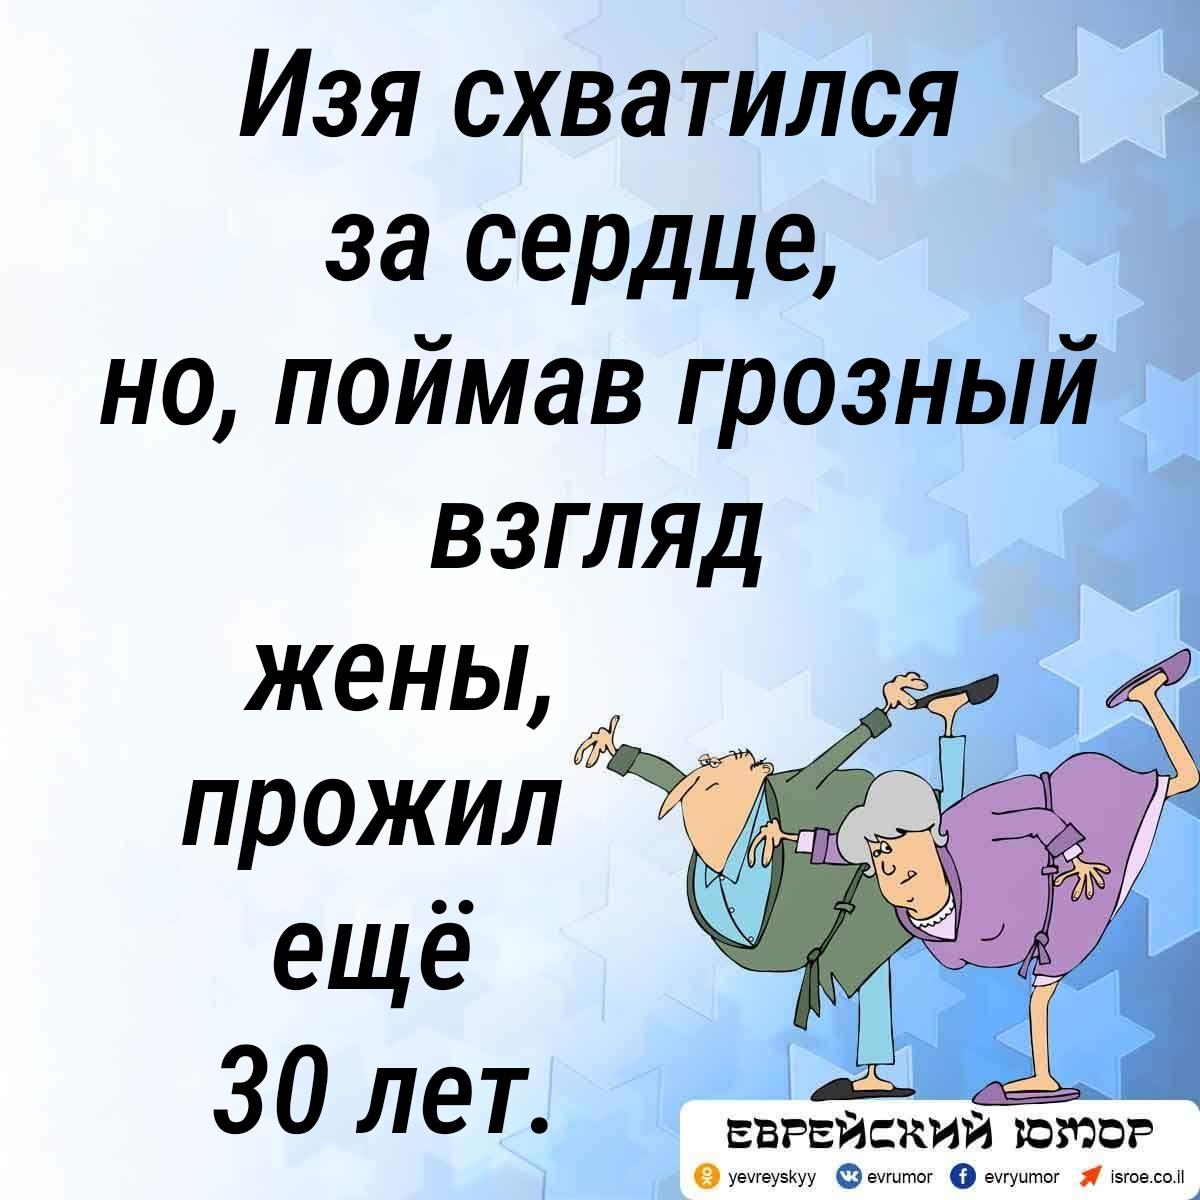 Еврейский юмор. Одесский анекдот. Сердце